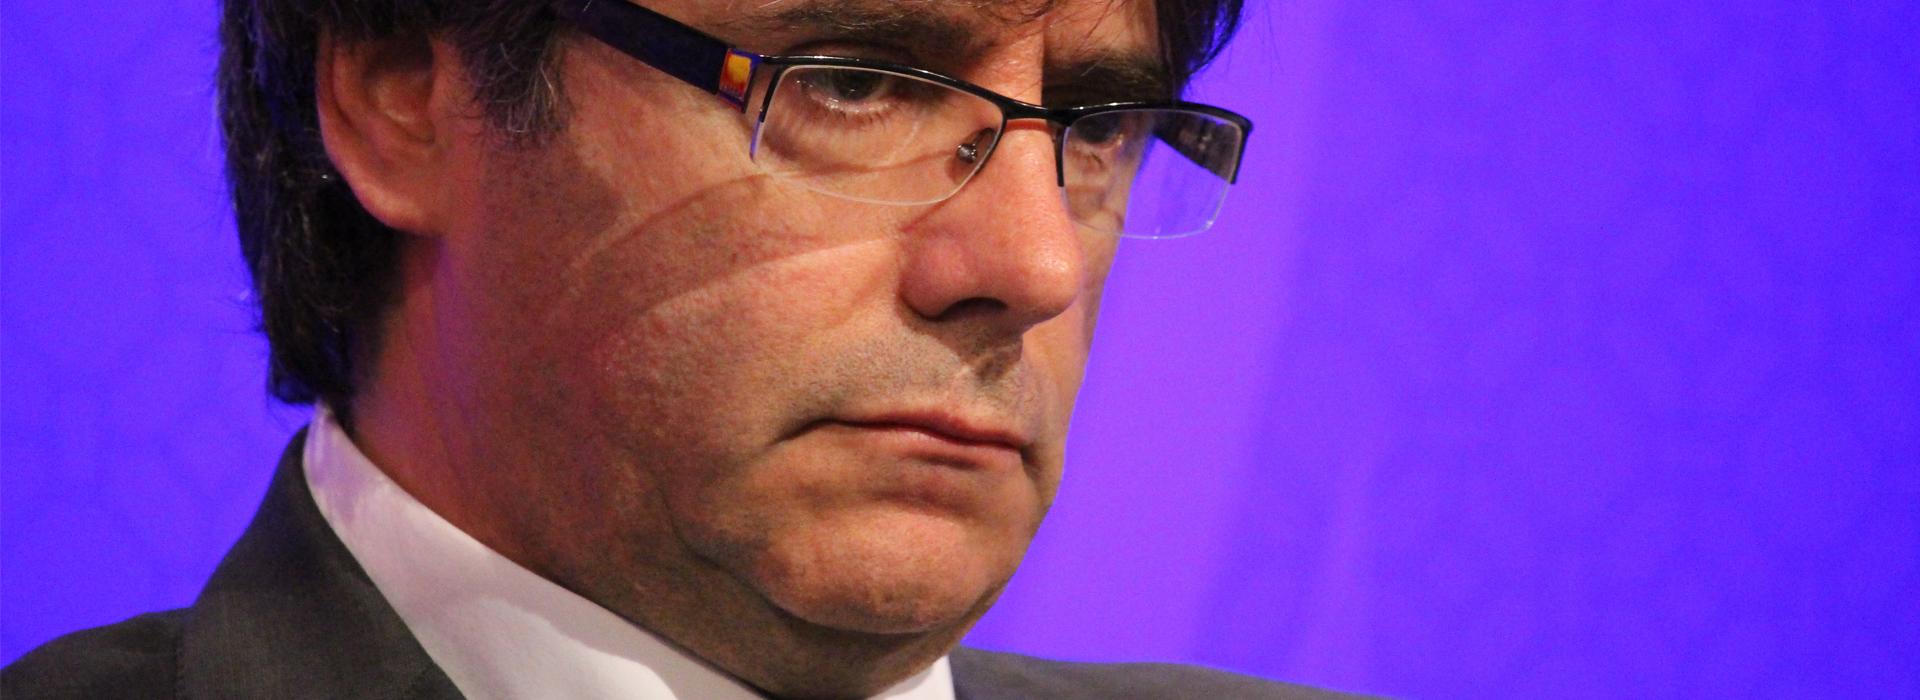 加泰隆尼亞前主席被捕  抗議民眾:歐洲真可恥